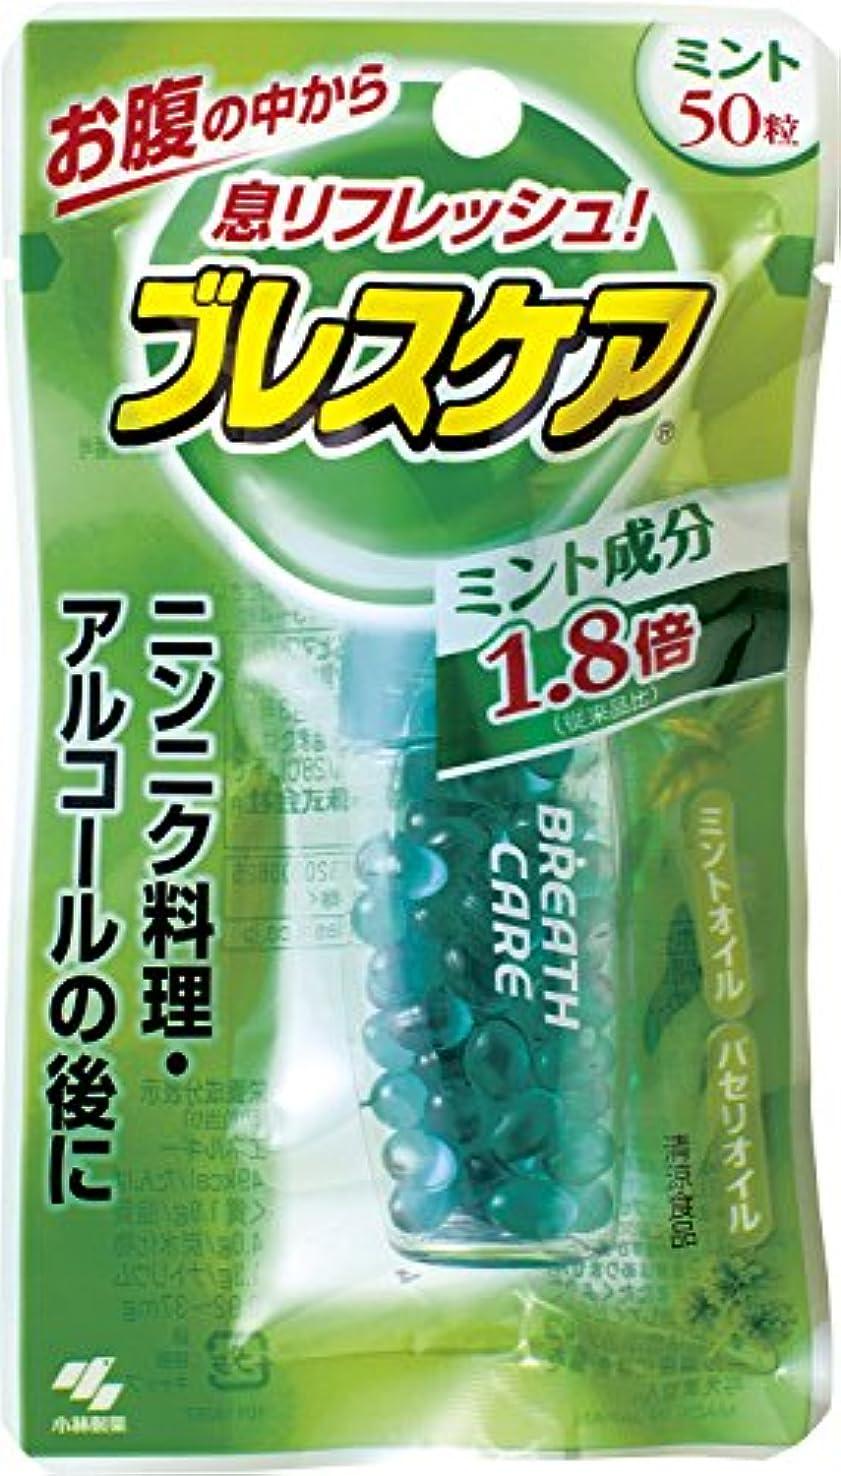 知る中絶ヘクタールブレスケア 水で飲む息清涼カプセル 本体 ミント 50粒